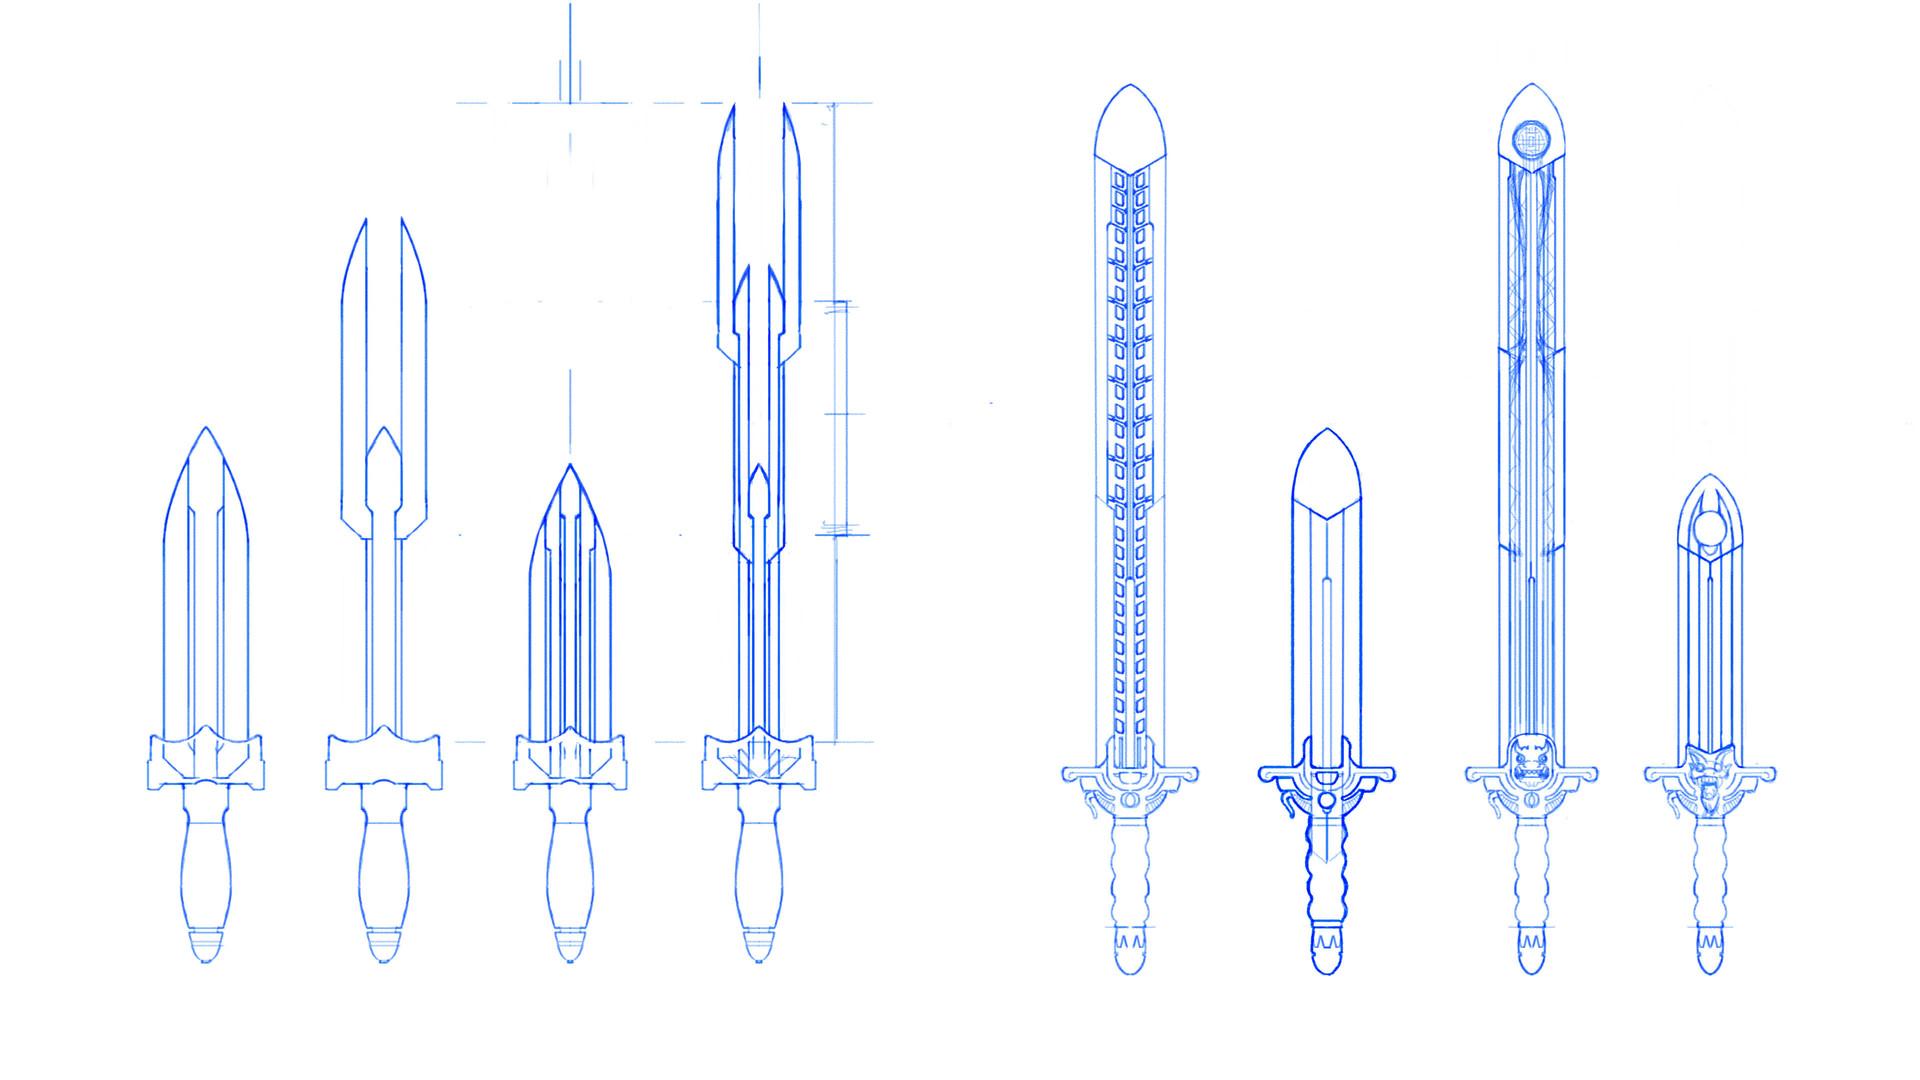 Jeff zugale sword design 02